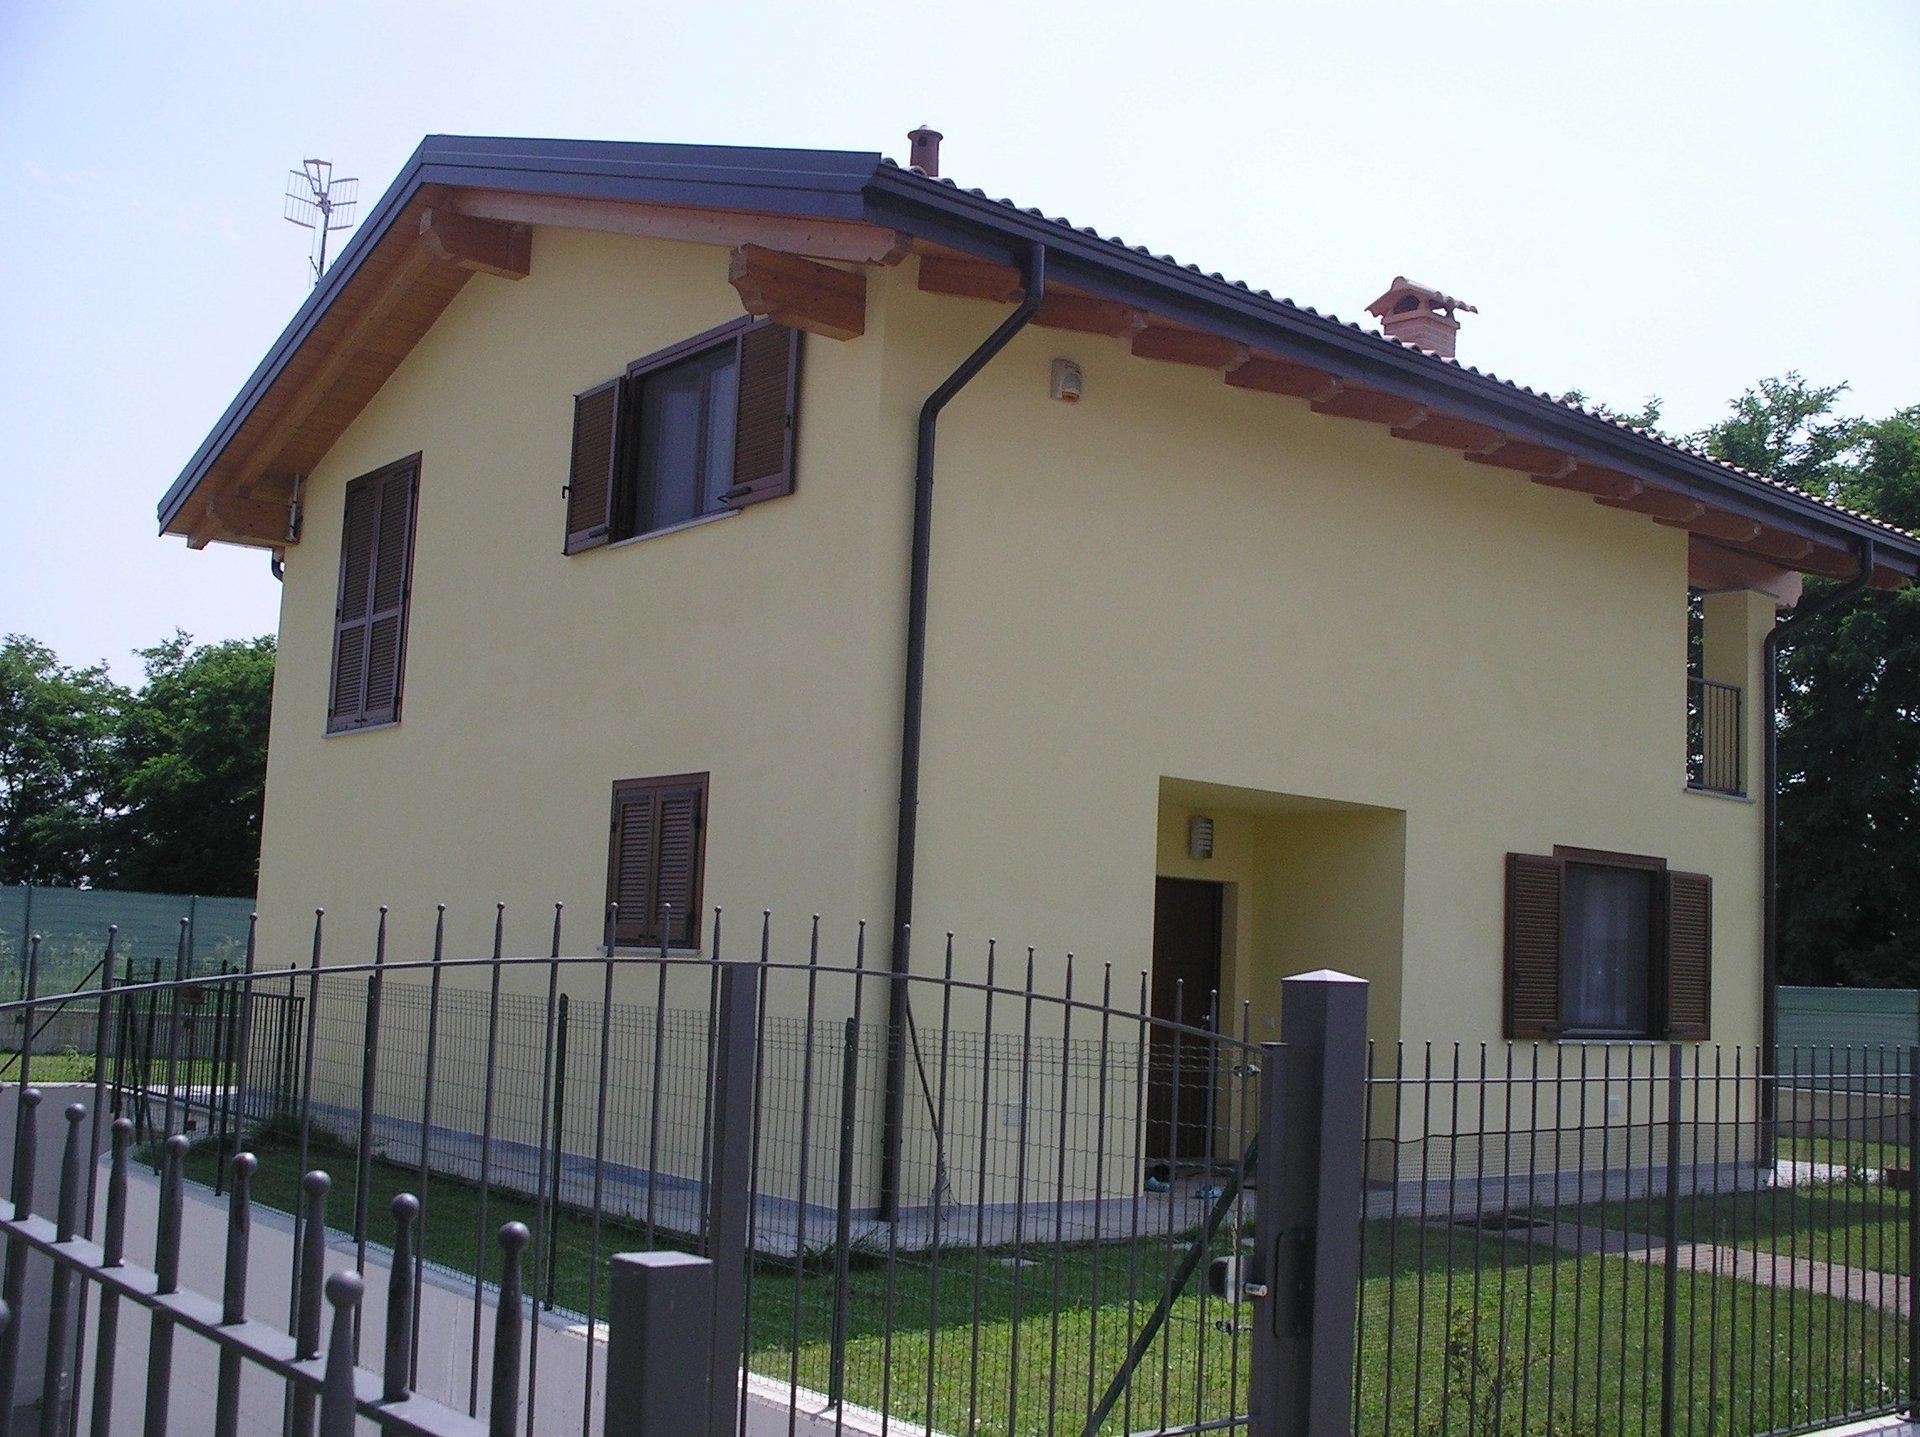 vista esterna di una casa indipendente con persiane, prato verde e cancelli in ferro